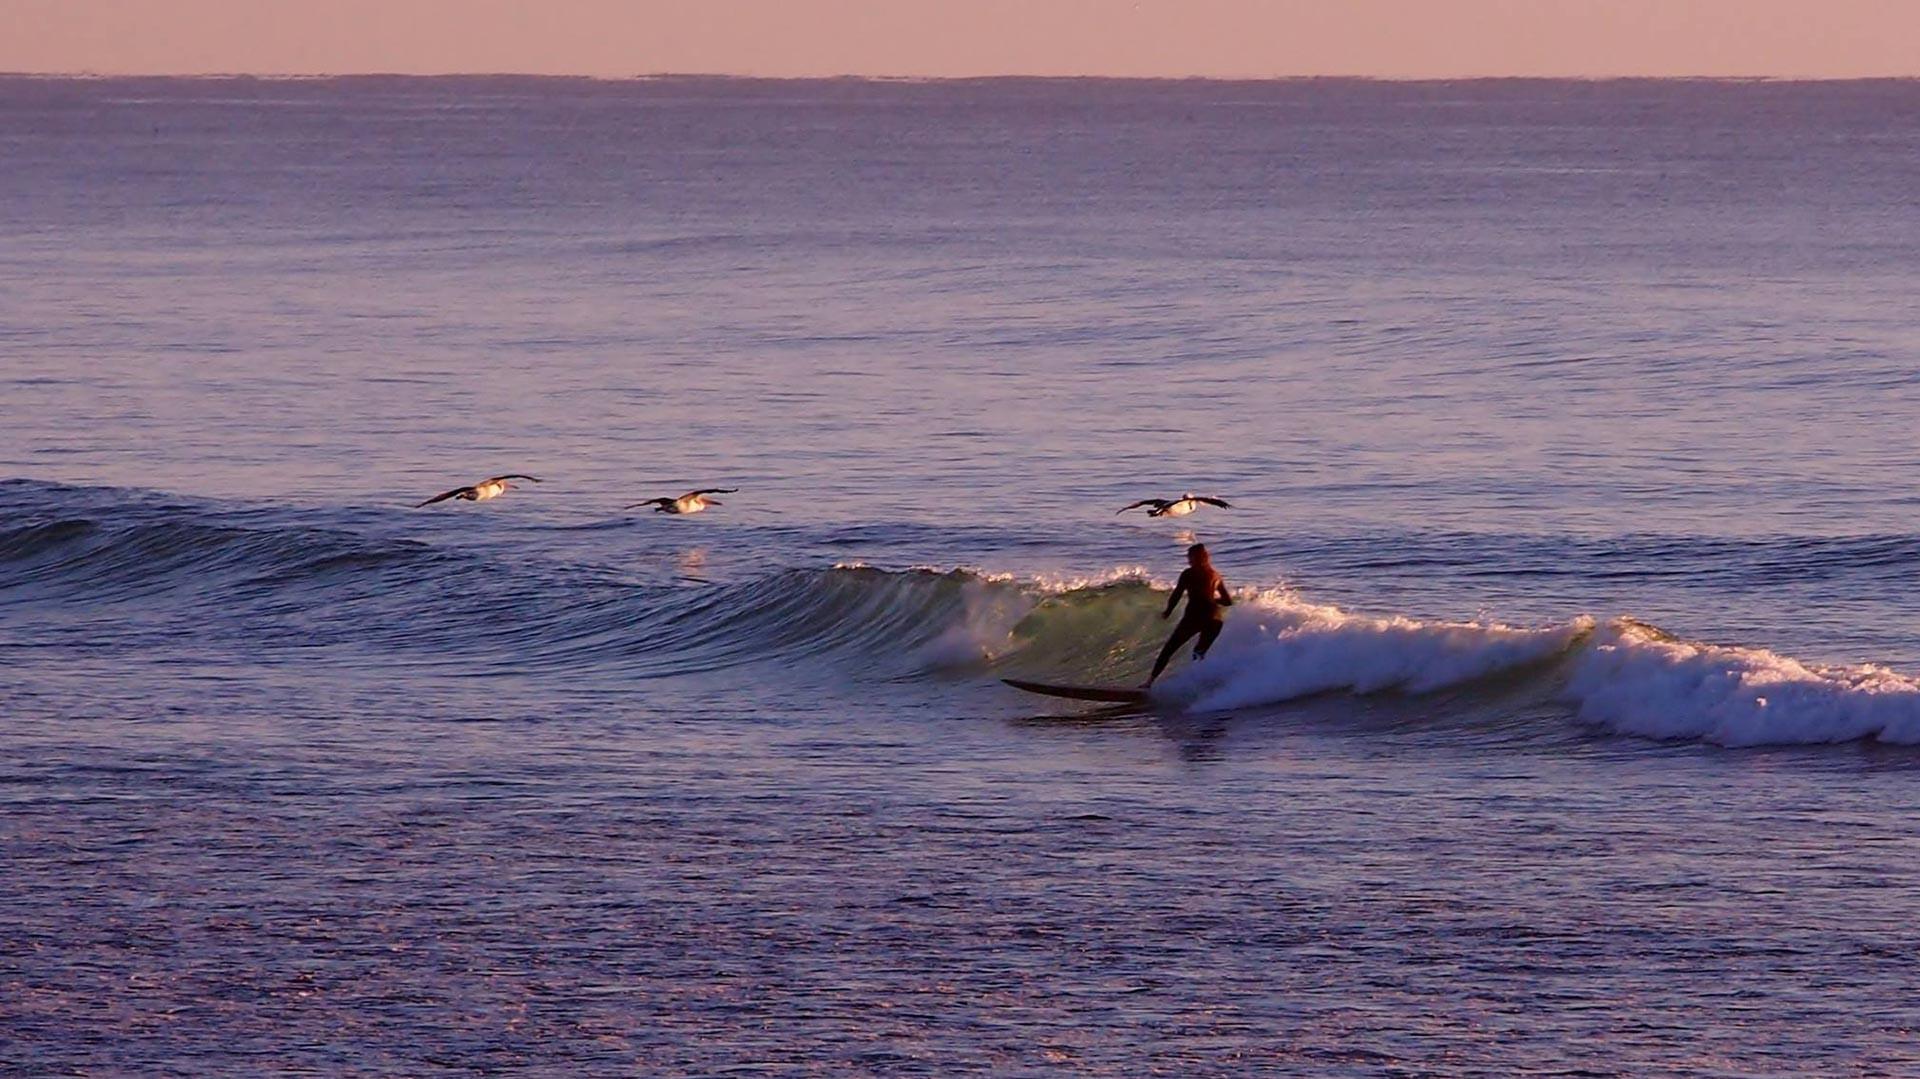 Travis Byron Bay Guide - Surfing in Byron Bay